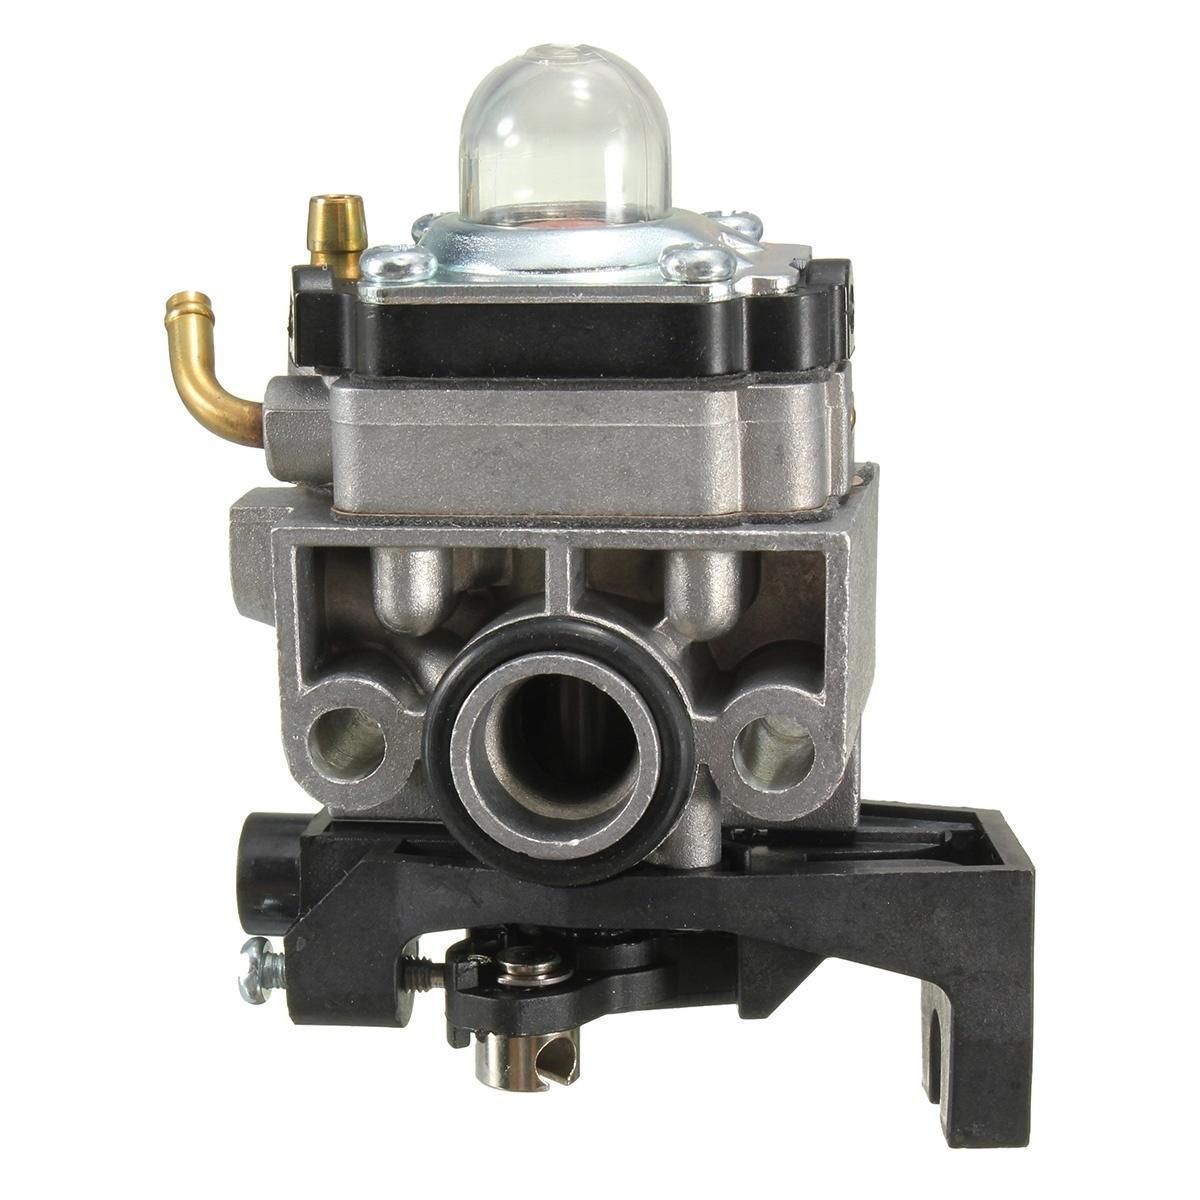 Газонокосилка карбюратора карбюратор для Honda 16100-Z0H-825 GX25 GX25N & K1 тактный двигатель бензиновый мотокультиватор honda f 220 k1 det2